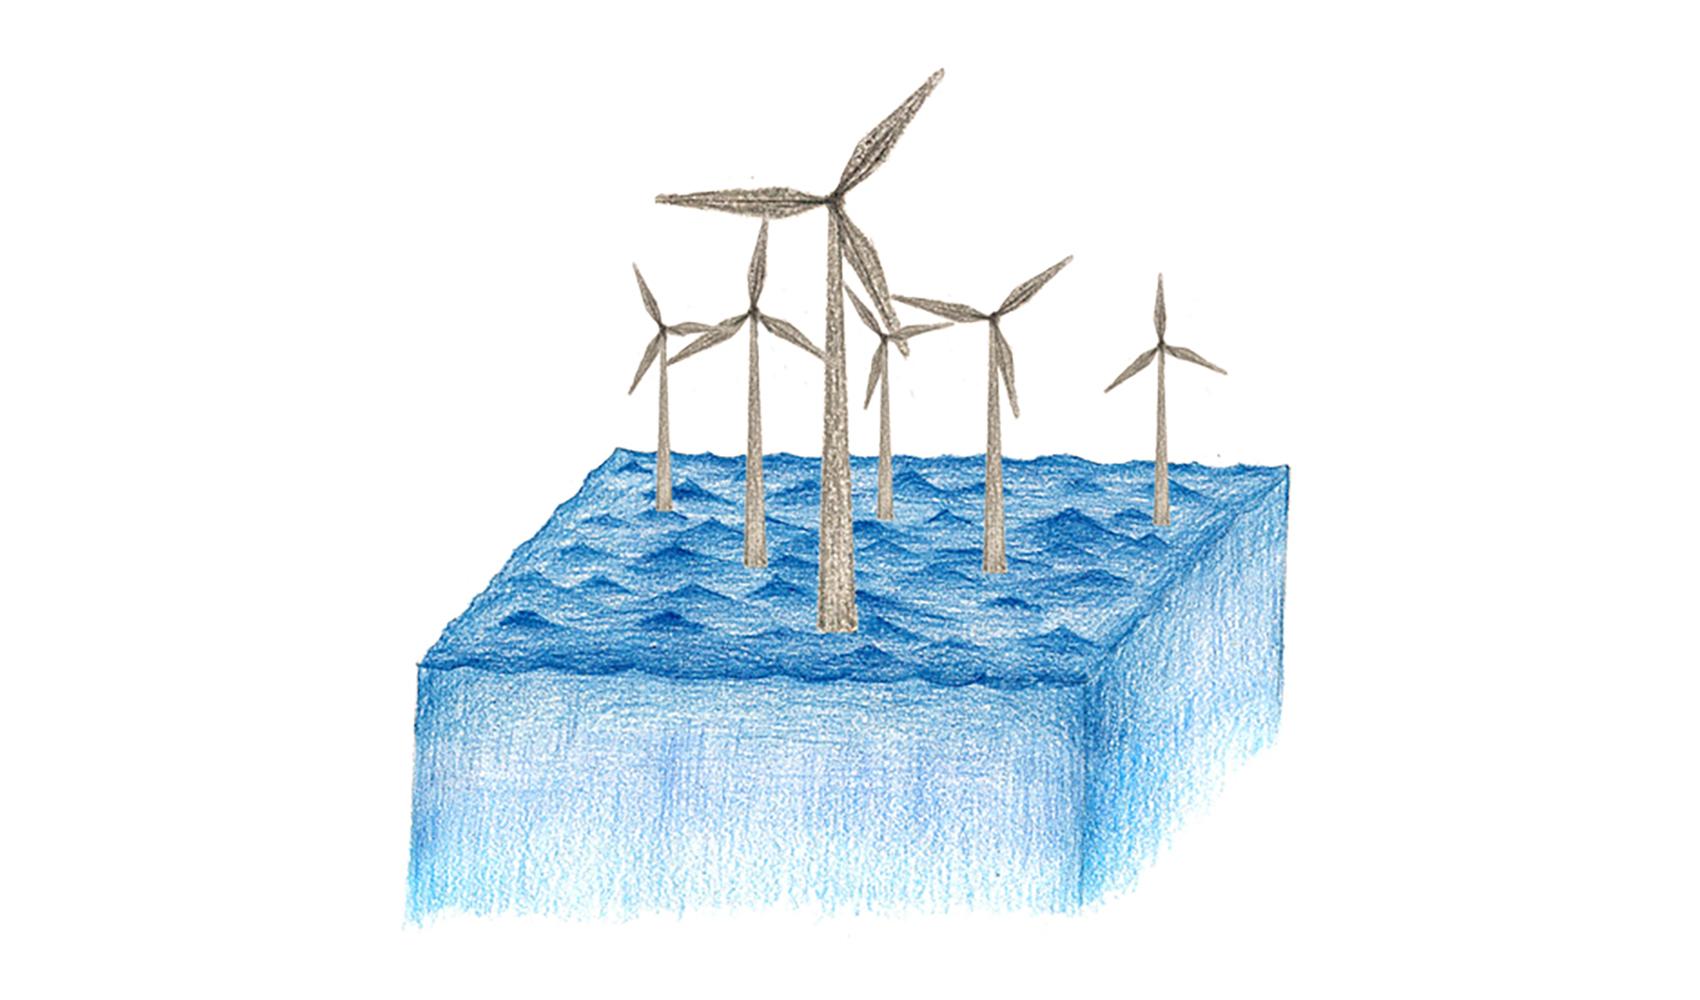 自然エネルギーは増えているのですか?